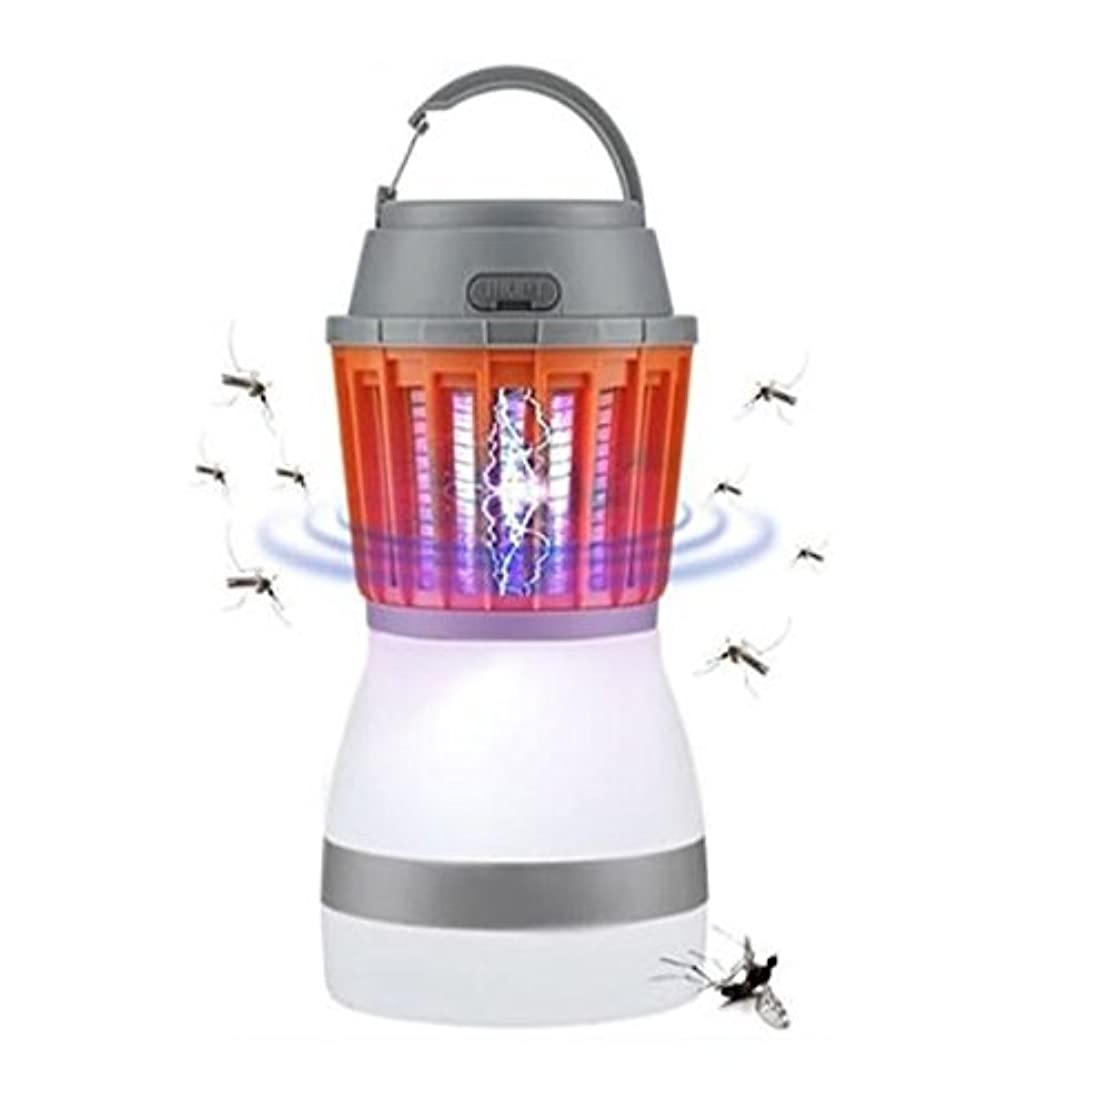 教育者木曜日環境保護主義者MR 多機能 1台2役 電撃殺虫器 ランタン LED ライト 蚊 害虫 誘蛾蚊取り器 誘虫灯 ハエ 取り USB充電式 MOSKILAN